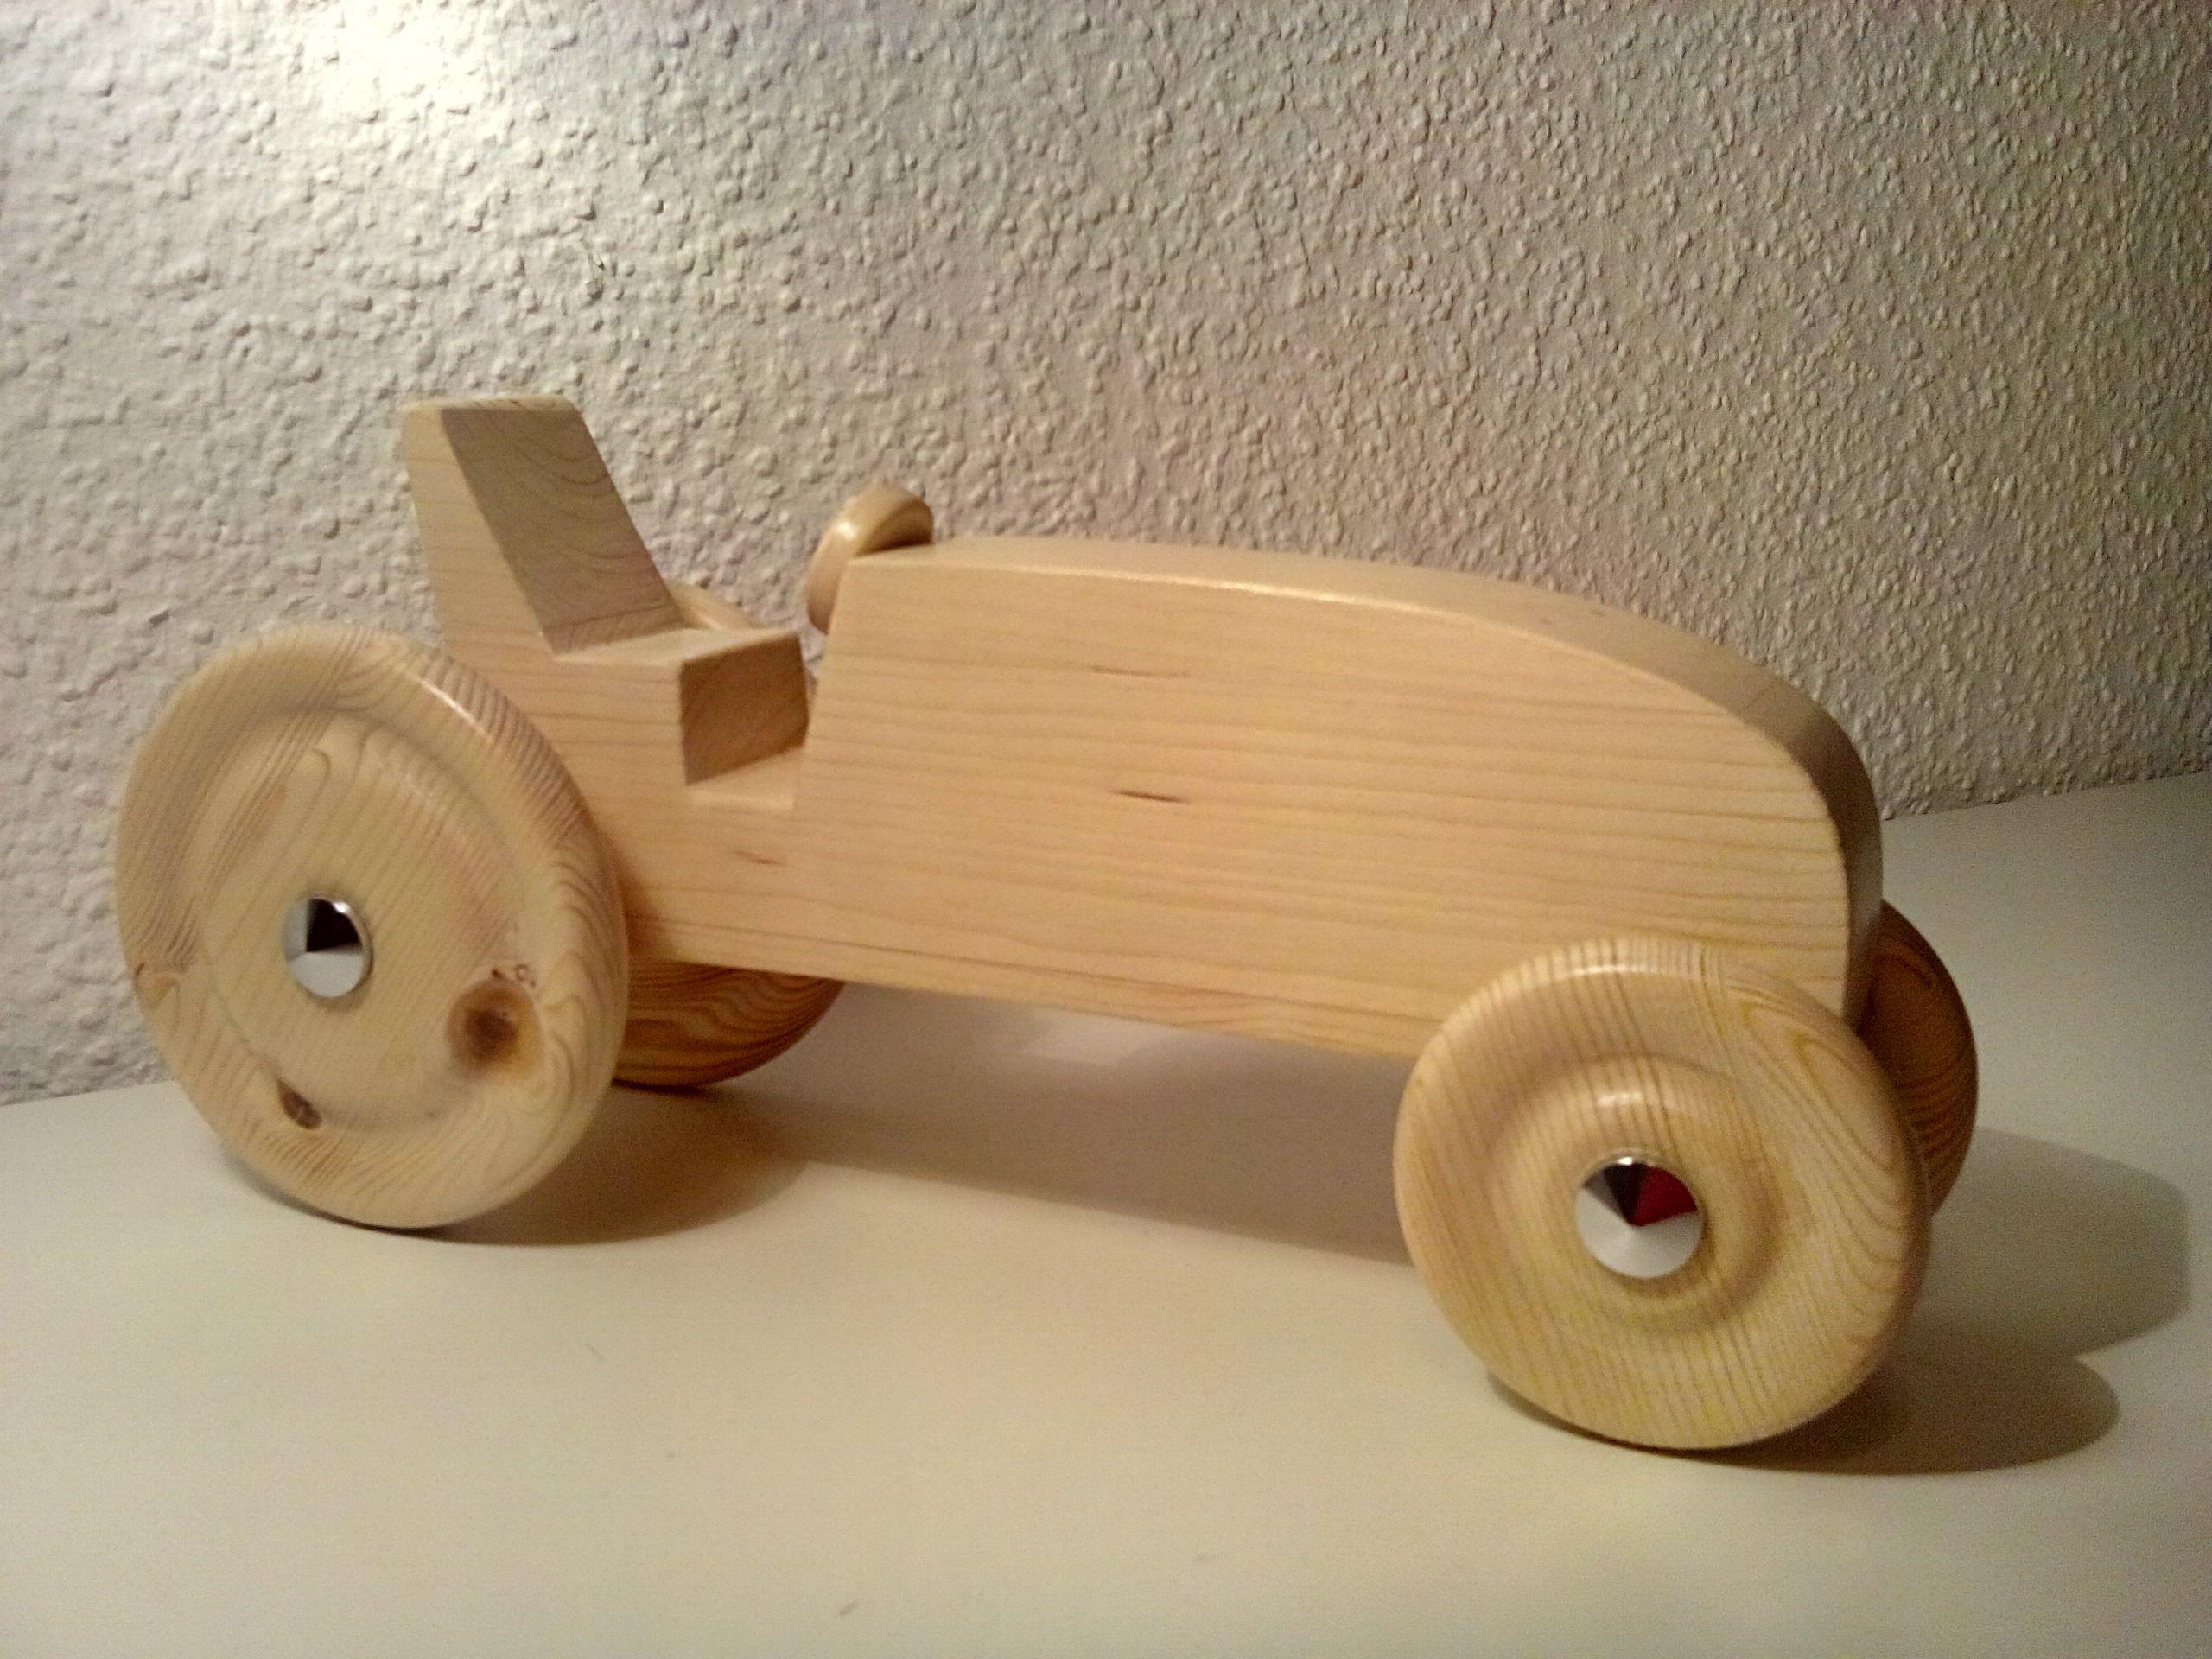 mein erster traktor aus holz bauanleitung zum selber bauen holzspielwaren pinterest. Black Bedroom Furniture Sets. Home Design Ideas